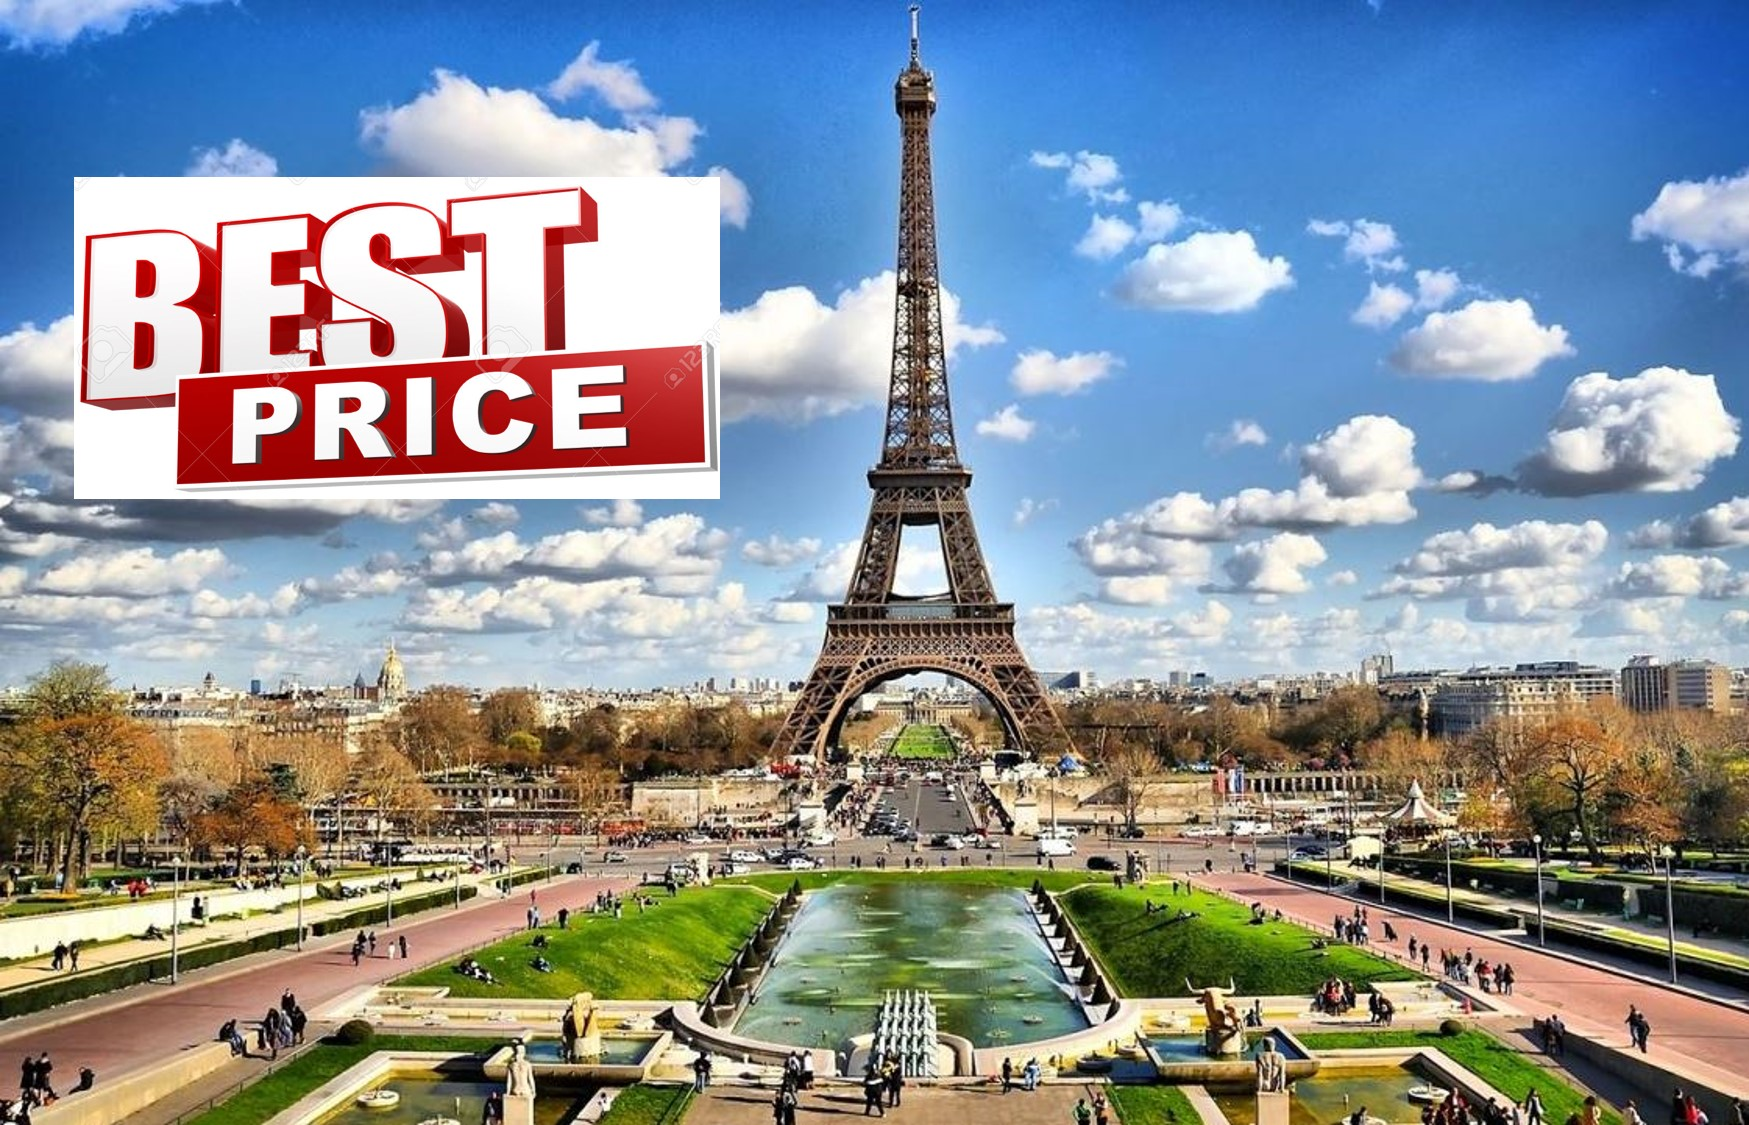 ΠΑΡΙΣΙ στην καλύτερη τιμή που έγινε ποτέ! 289€ για 4 μέρες με Air France, Ξενοδοχείο με Πρωινό & Φόρους πληρωμένους εικόνα